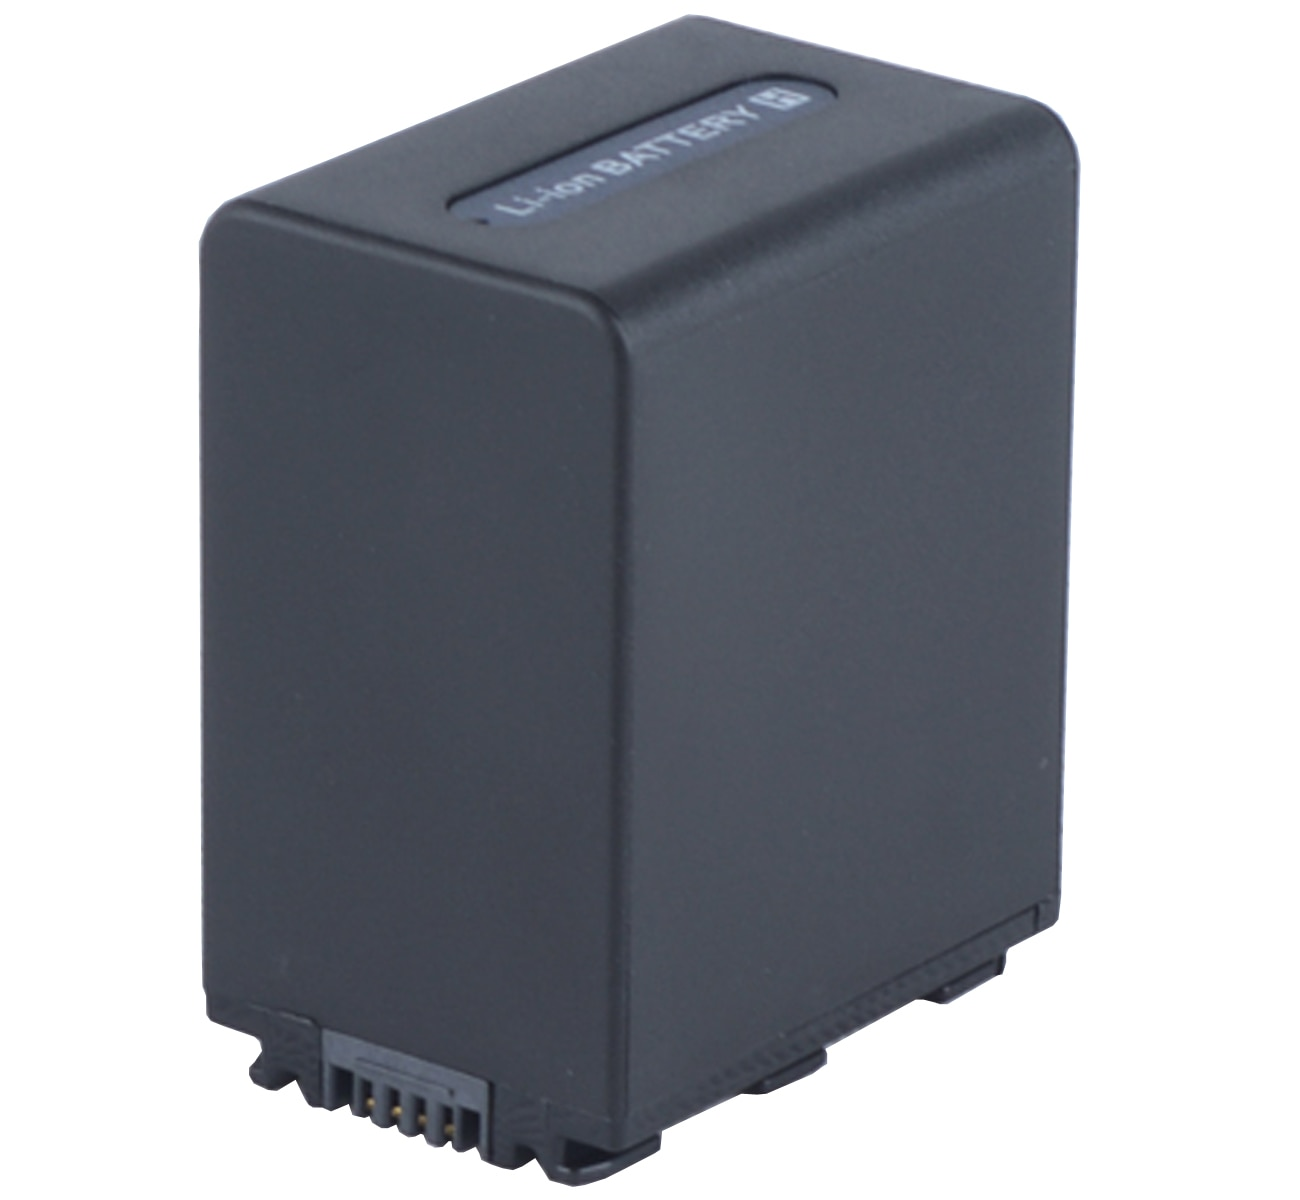 Paquete de baterías para Sony HDR-XR500, HDR-XR500E, HDR-XR520, XR520E, HDR-CX500, HDR-CX505, HDR-CX520,...